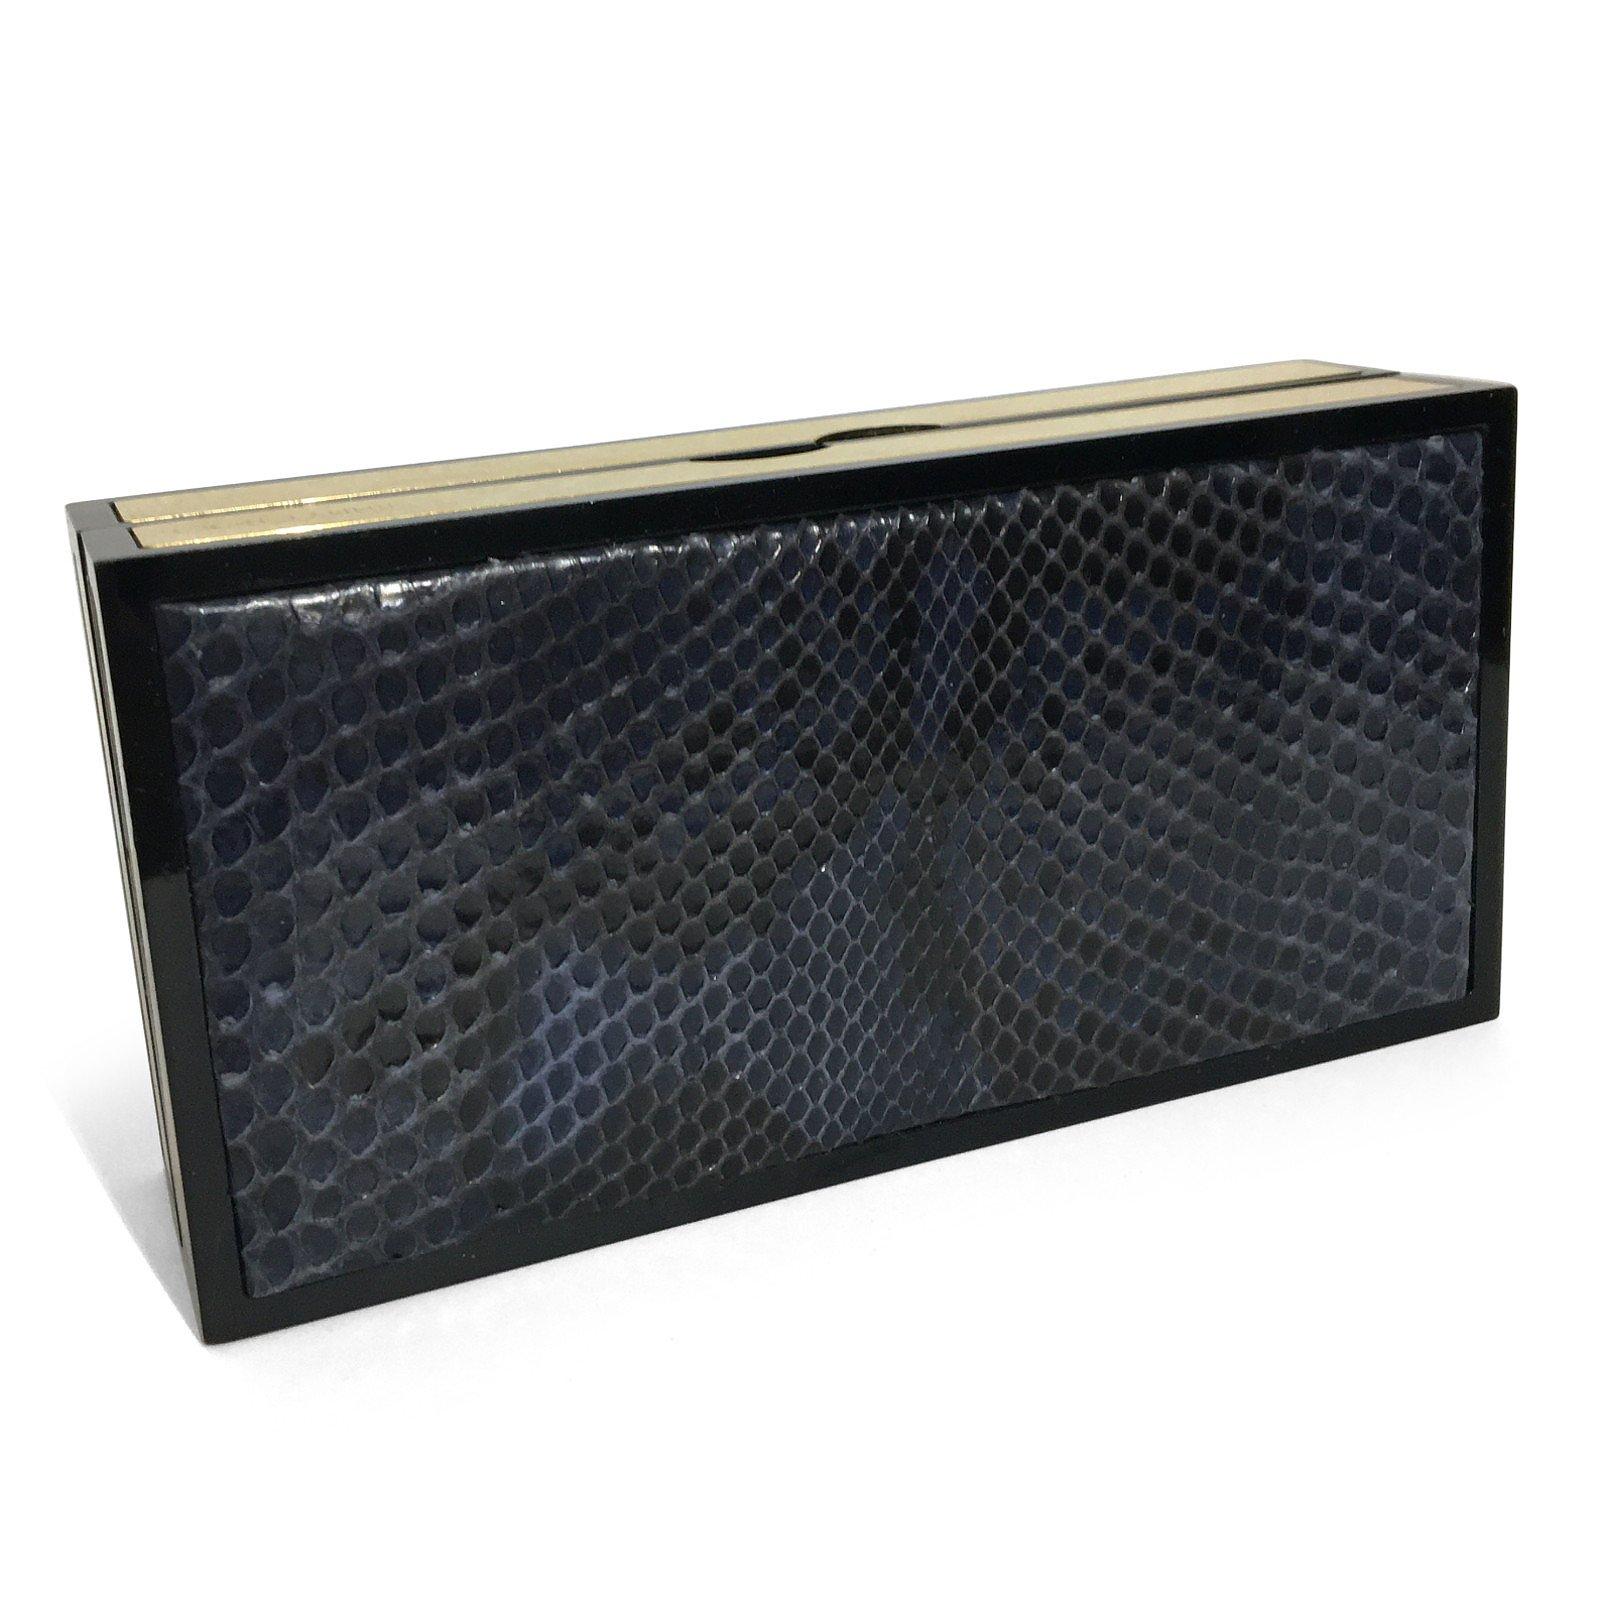 Jimmy Choo Snakeskin Box Clutch